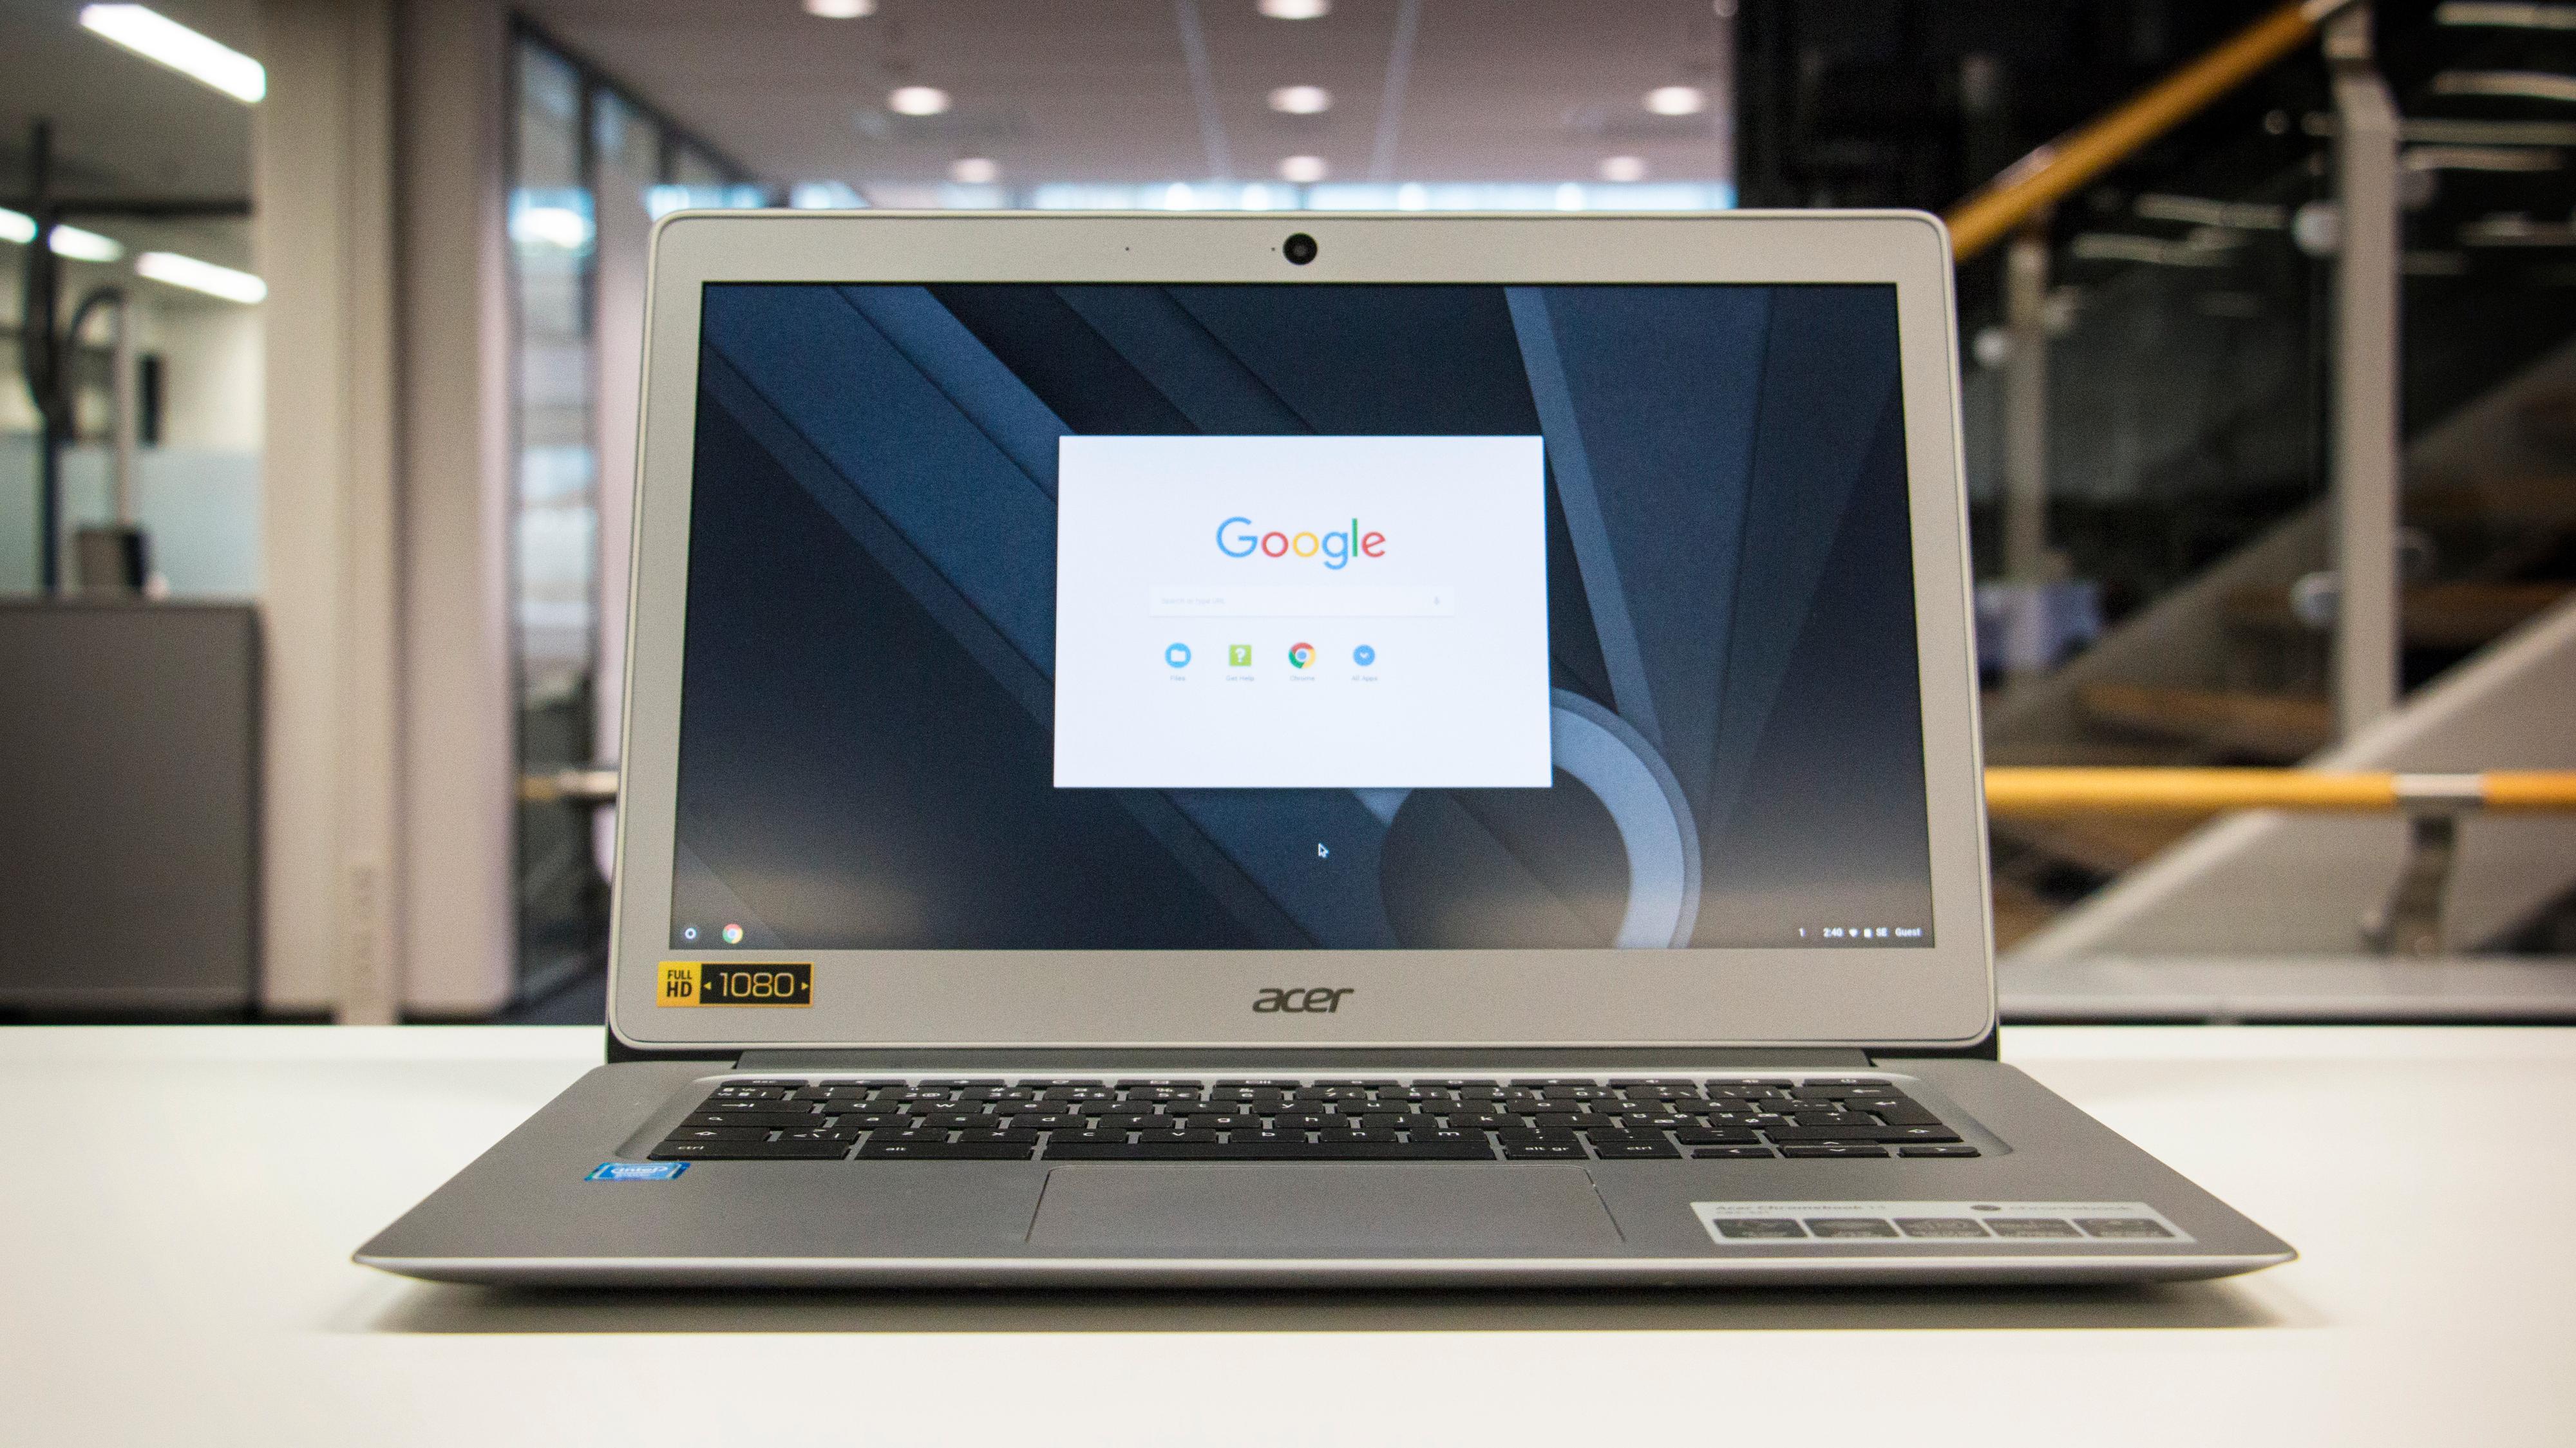 Mange skoler bruker Googles Chromebook-maskiner. Datatilsynet er skeptiske.